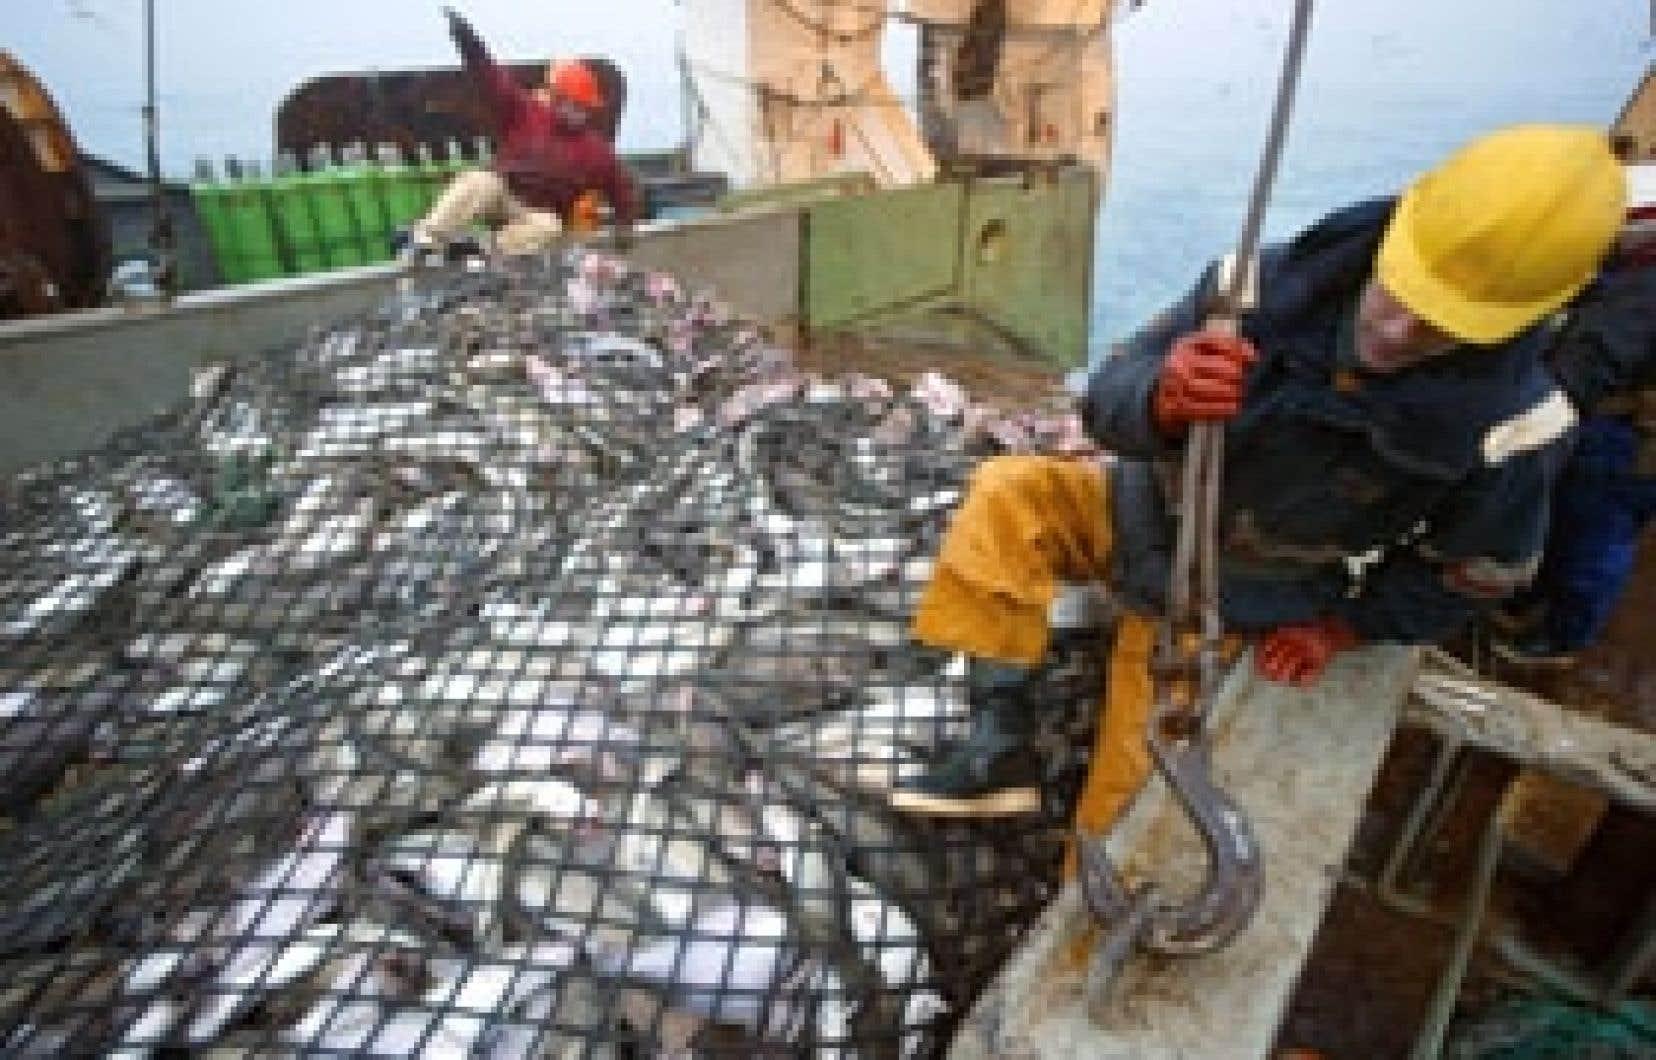 Un chalut rempli de poissons sur le morutier français Grande Hermine. Un rapport des Nations unies prévoit l'épuisement des stocks vers 2050 si le patrimoine marin n'est pas mieux protégé.